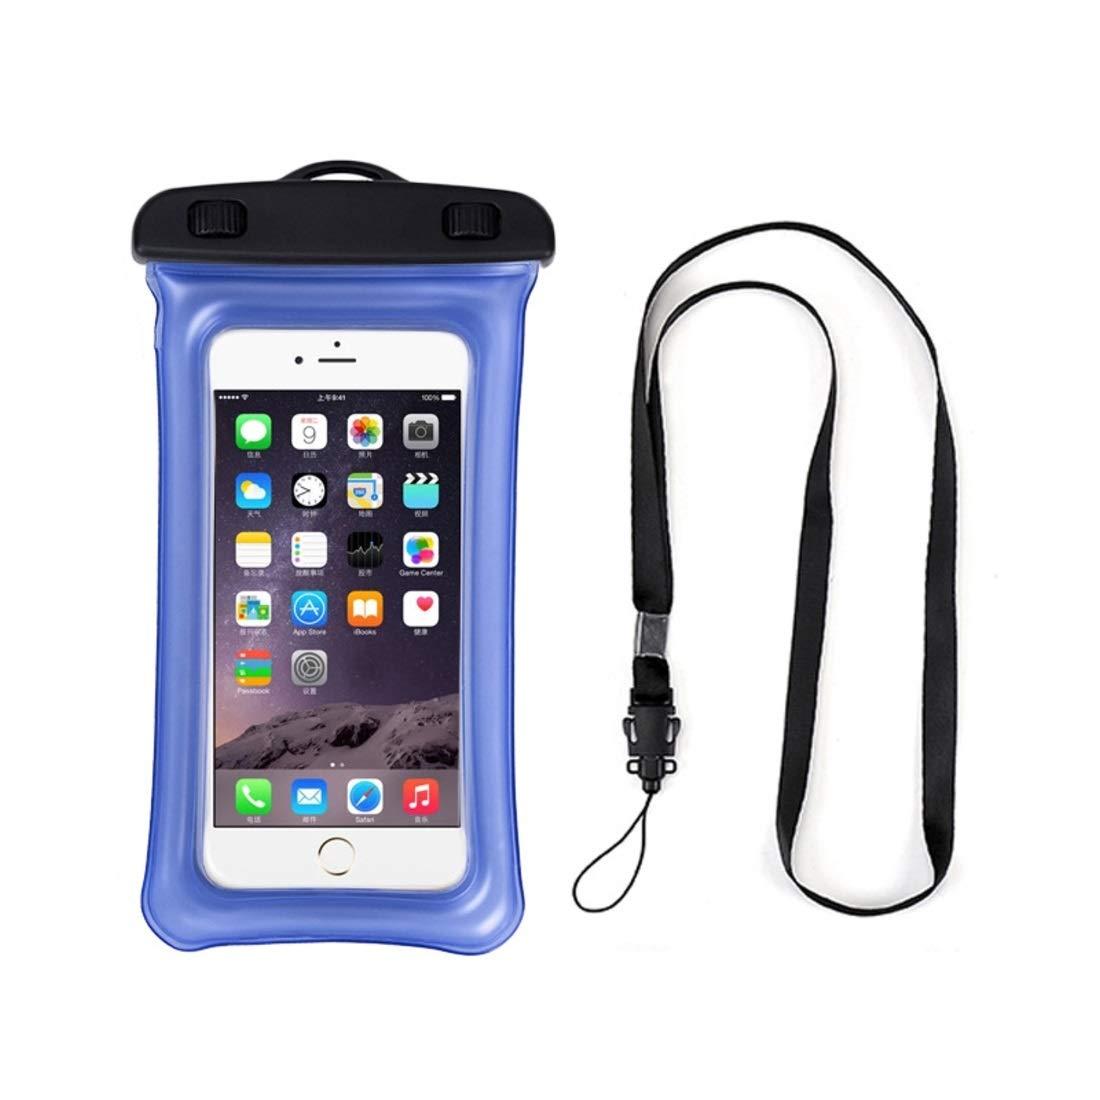 Mercure 20 Piece Mobile Phone Waterproof Bag, Floating PVC Mobile Phone Waterproof Bag with Air Bag,Waterproof Dry Bags Bundle for Boating Swimming Snorkeling Kayaking Beach (Color : Blue) by Mercure